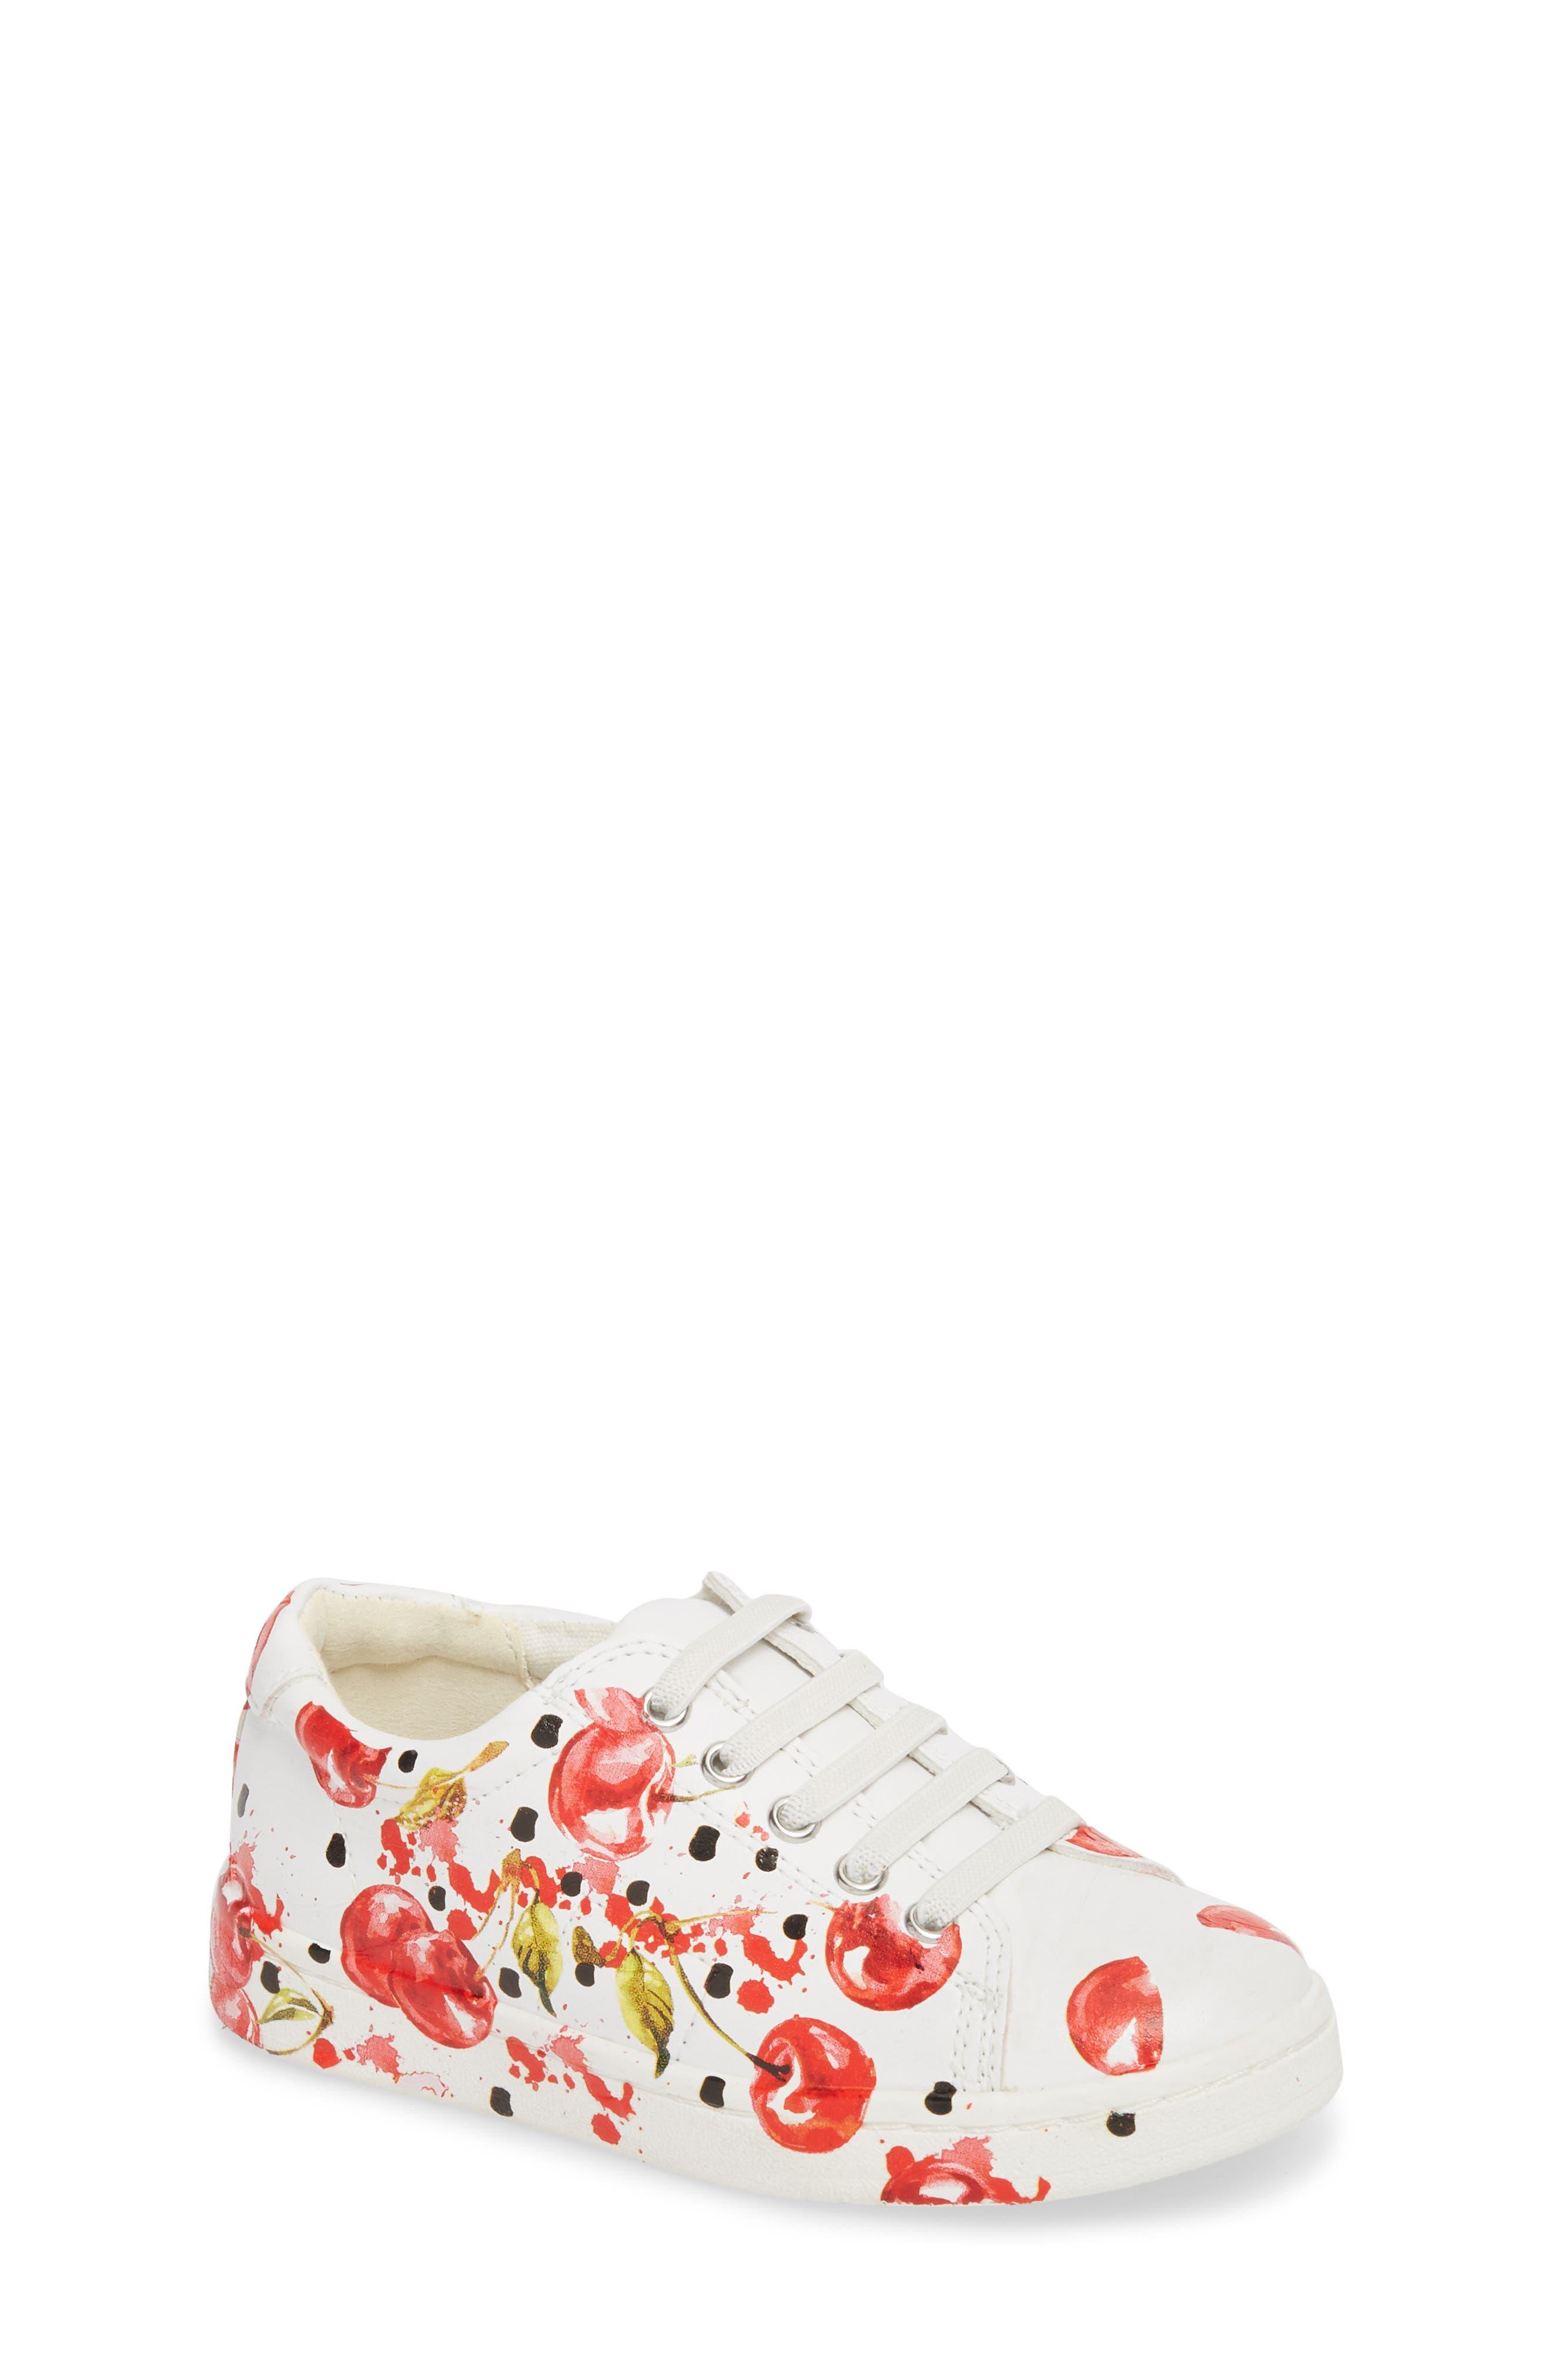 Blane Milford Fruit Print Sneaker,                         Main,                         color, 100